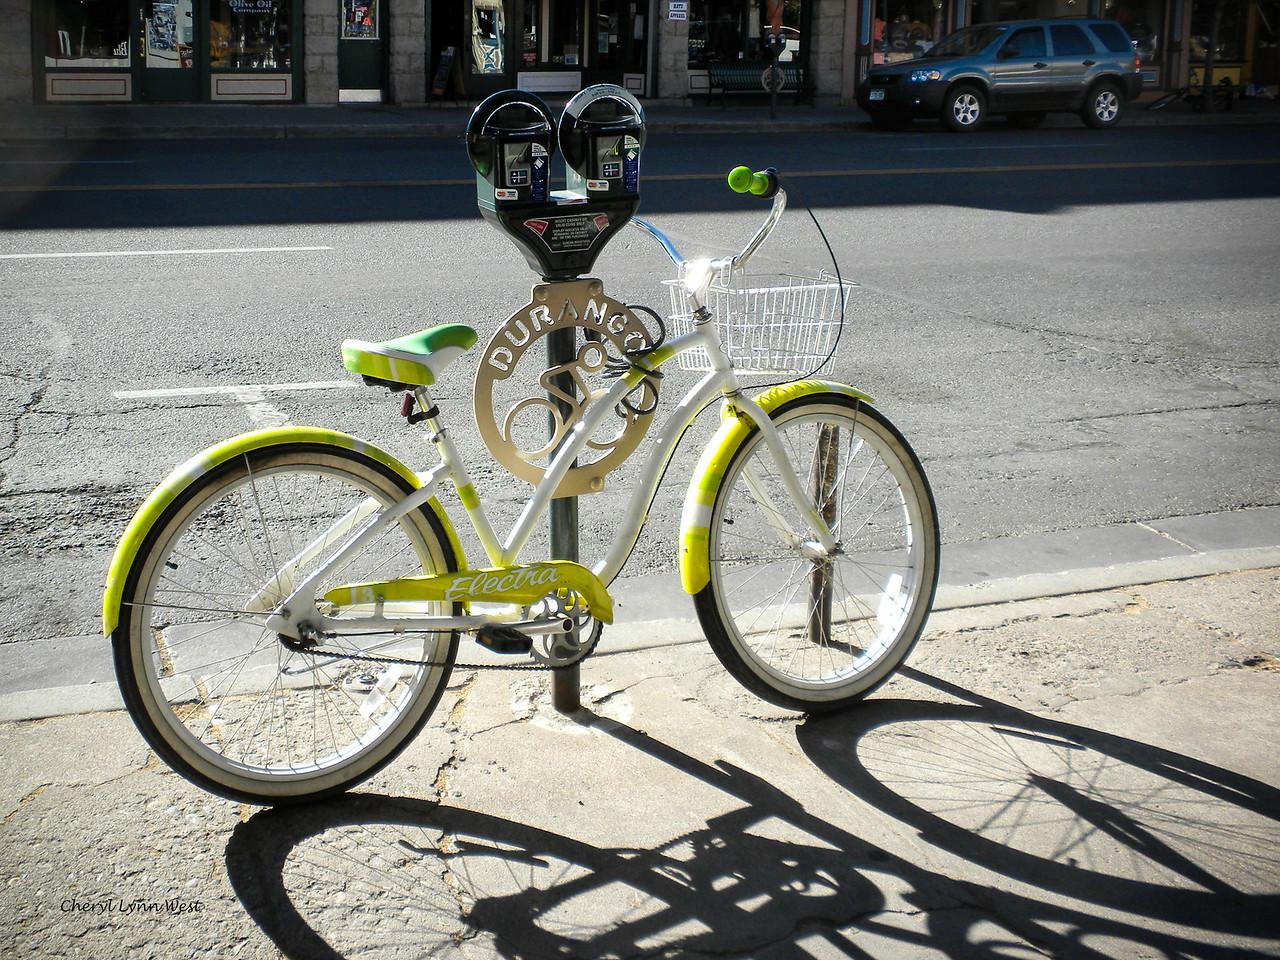 Durango, Colorado - Bicycle parking